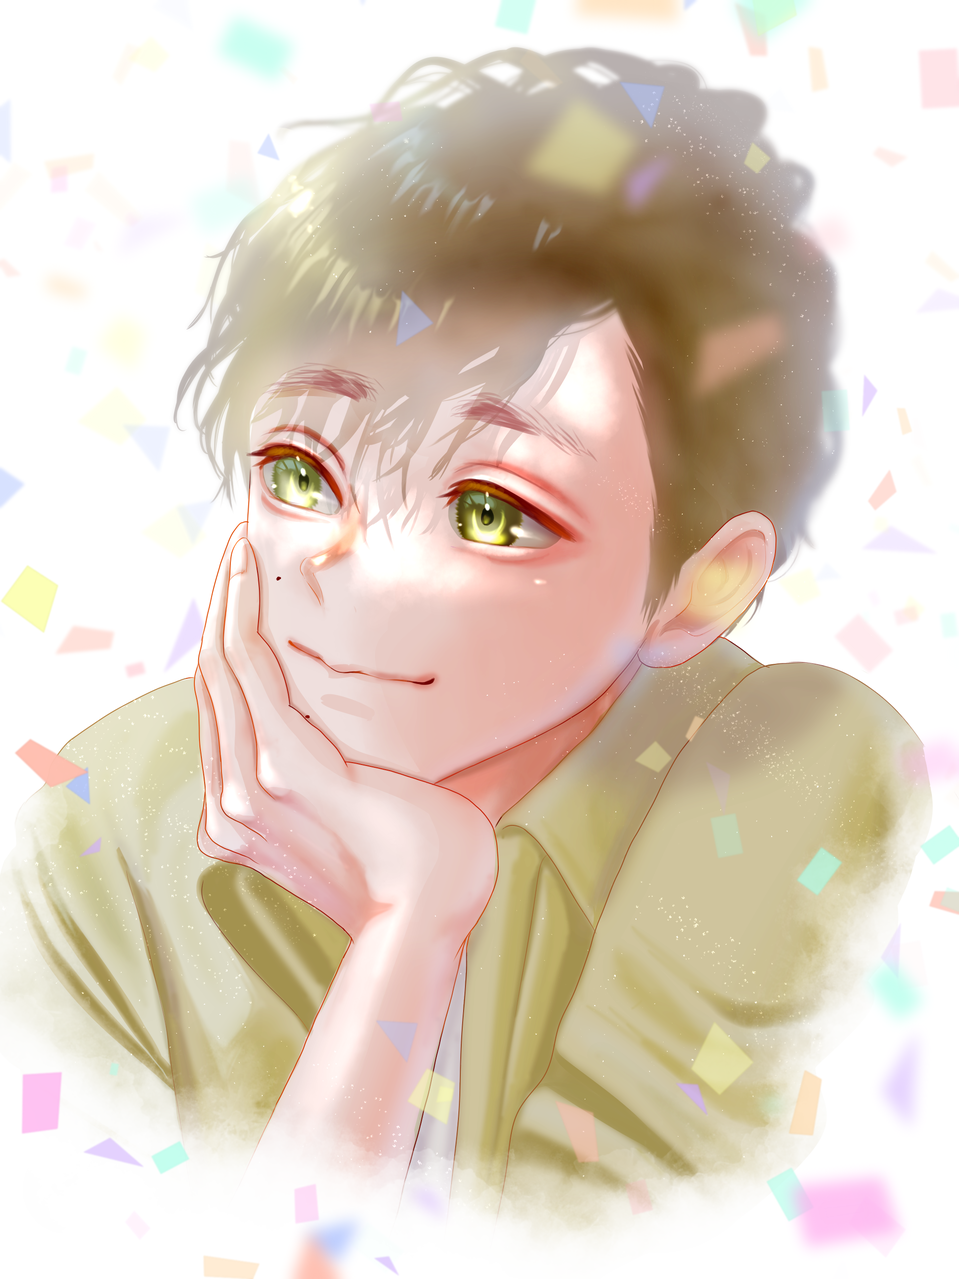 Illust of FJ boy yellow